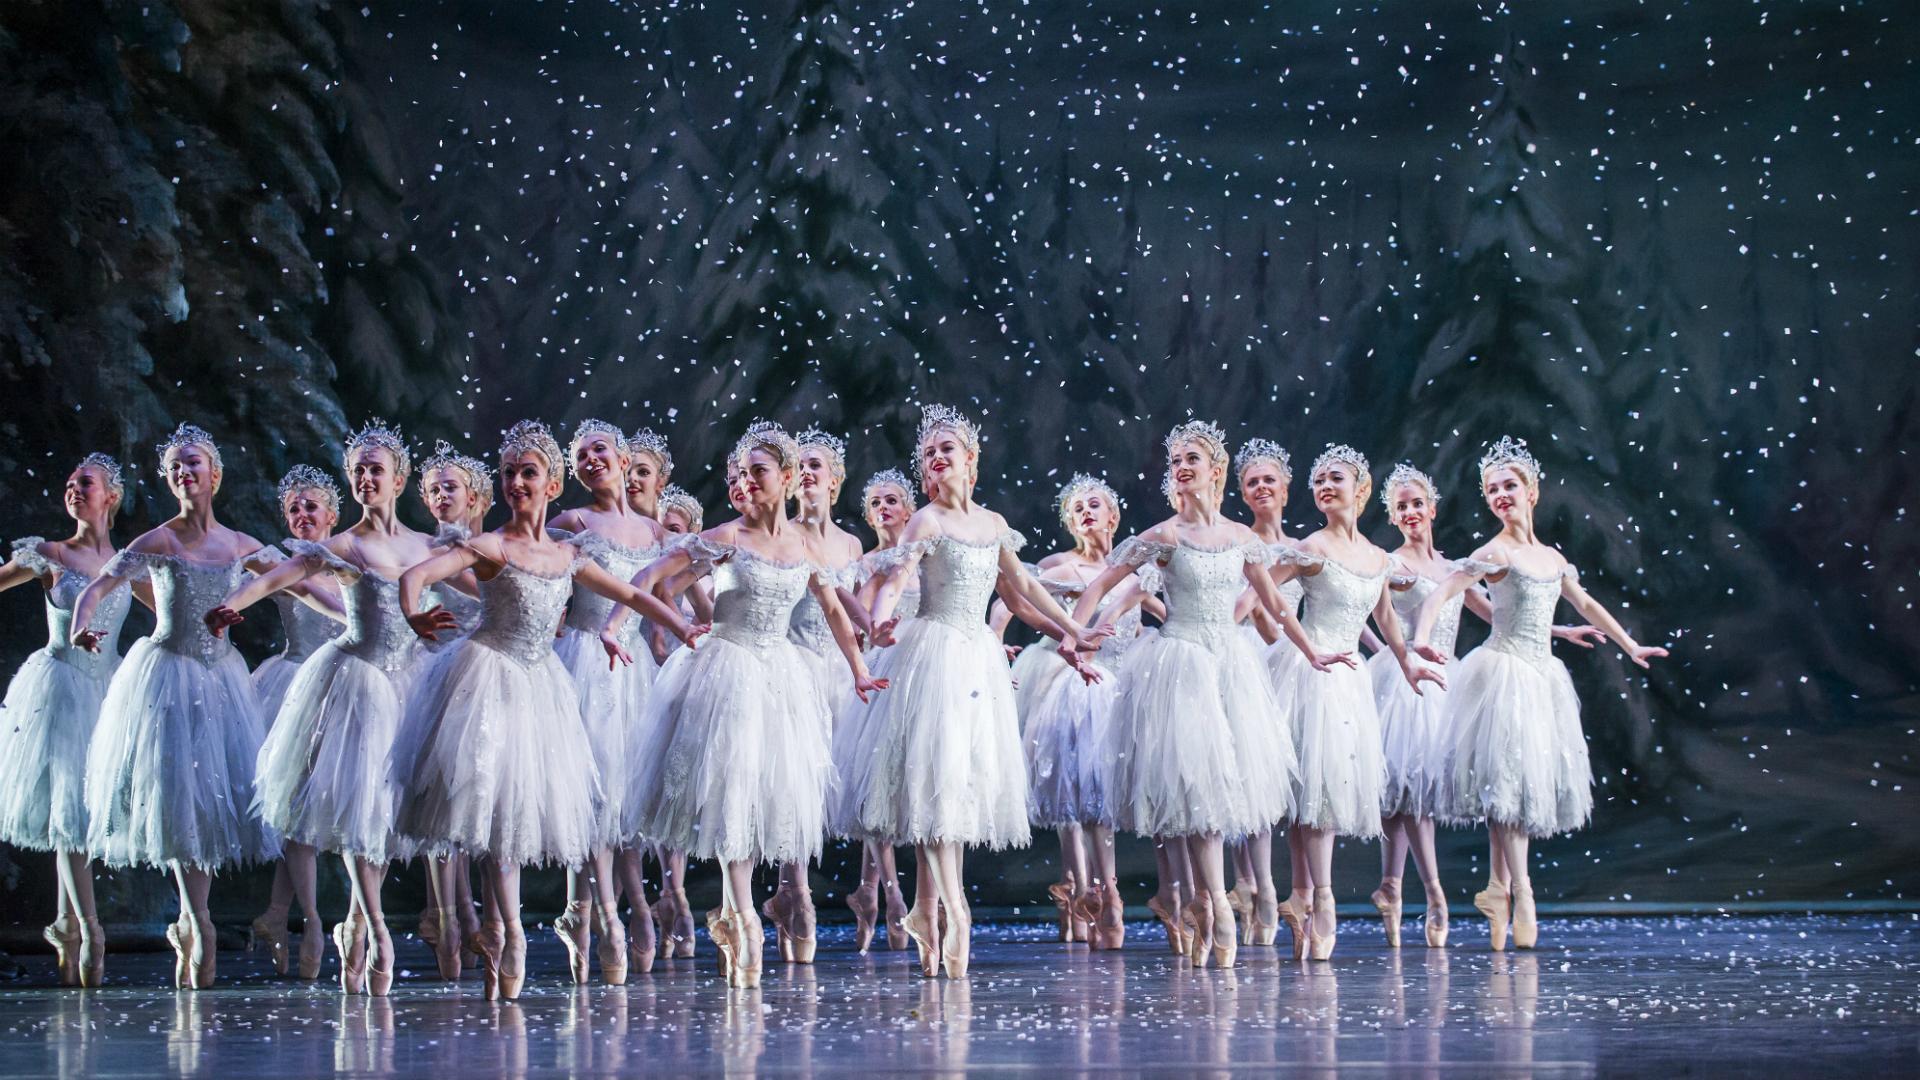 A group of ballerinas dance through falling snow in The Nutcracker.